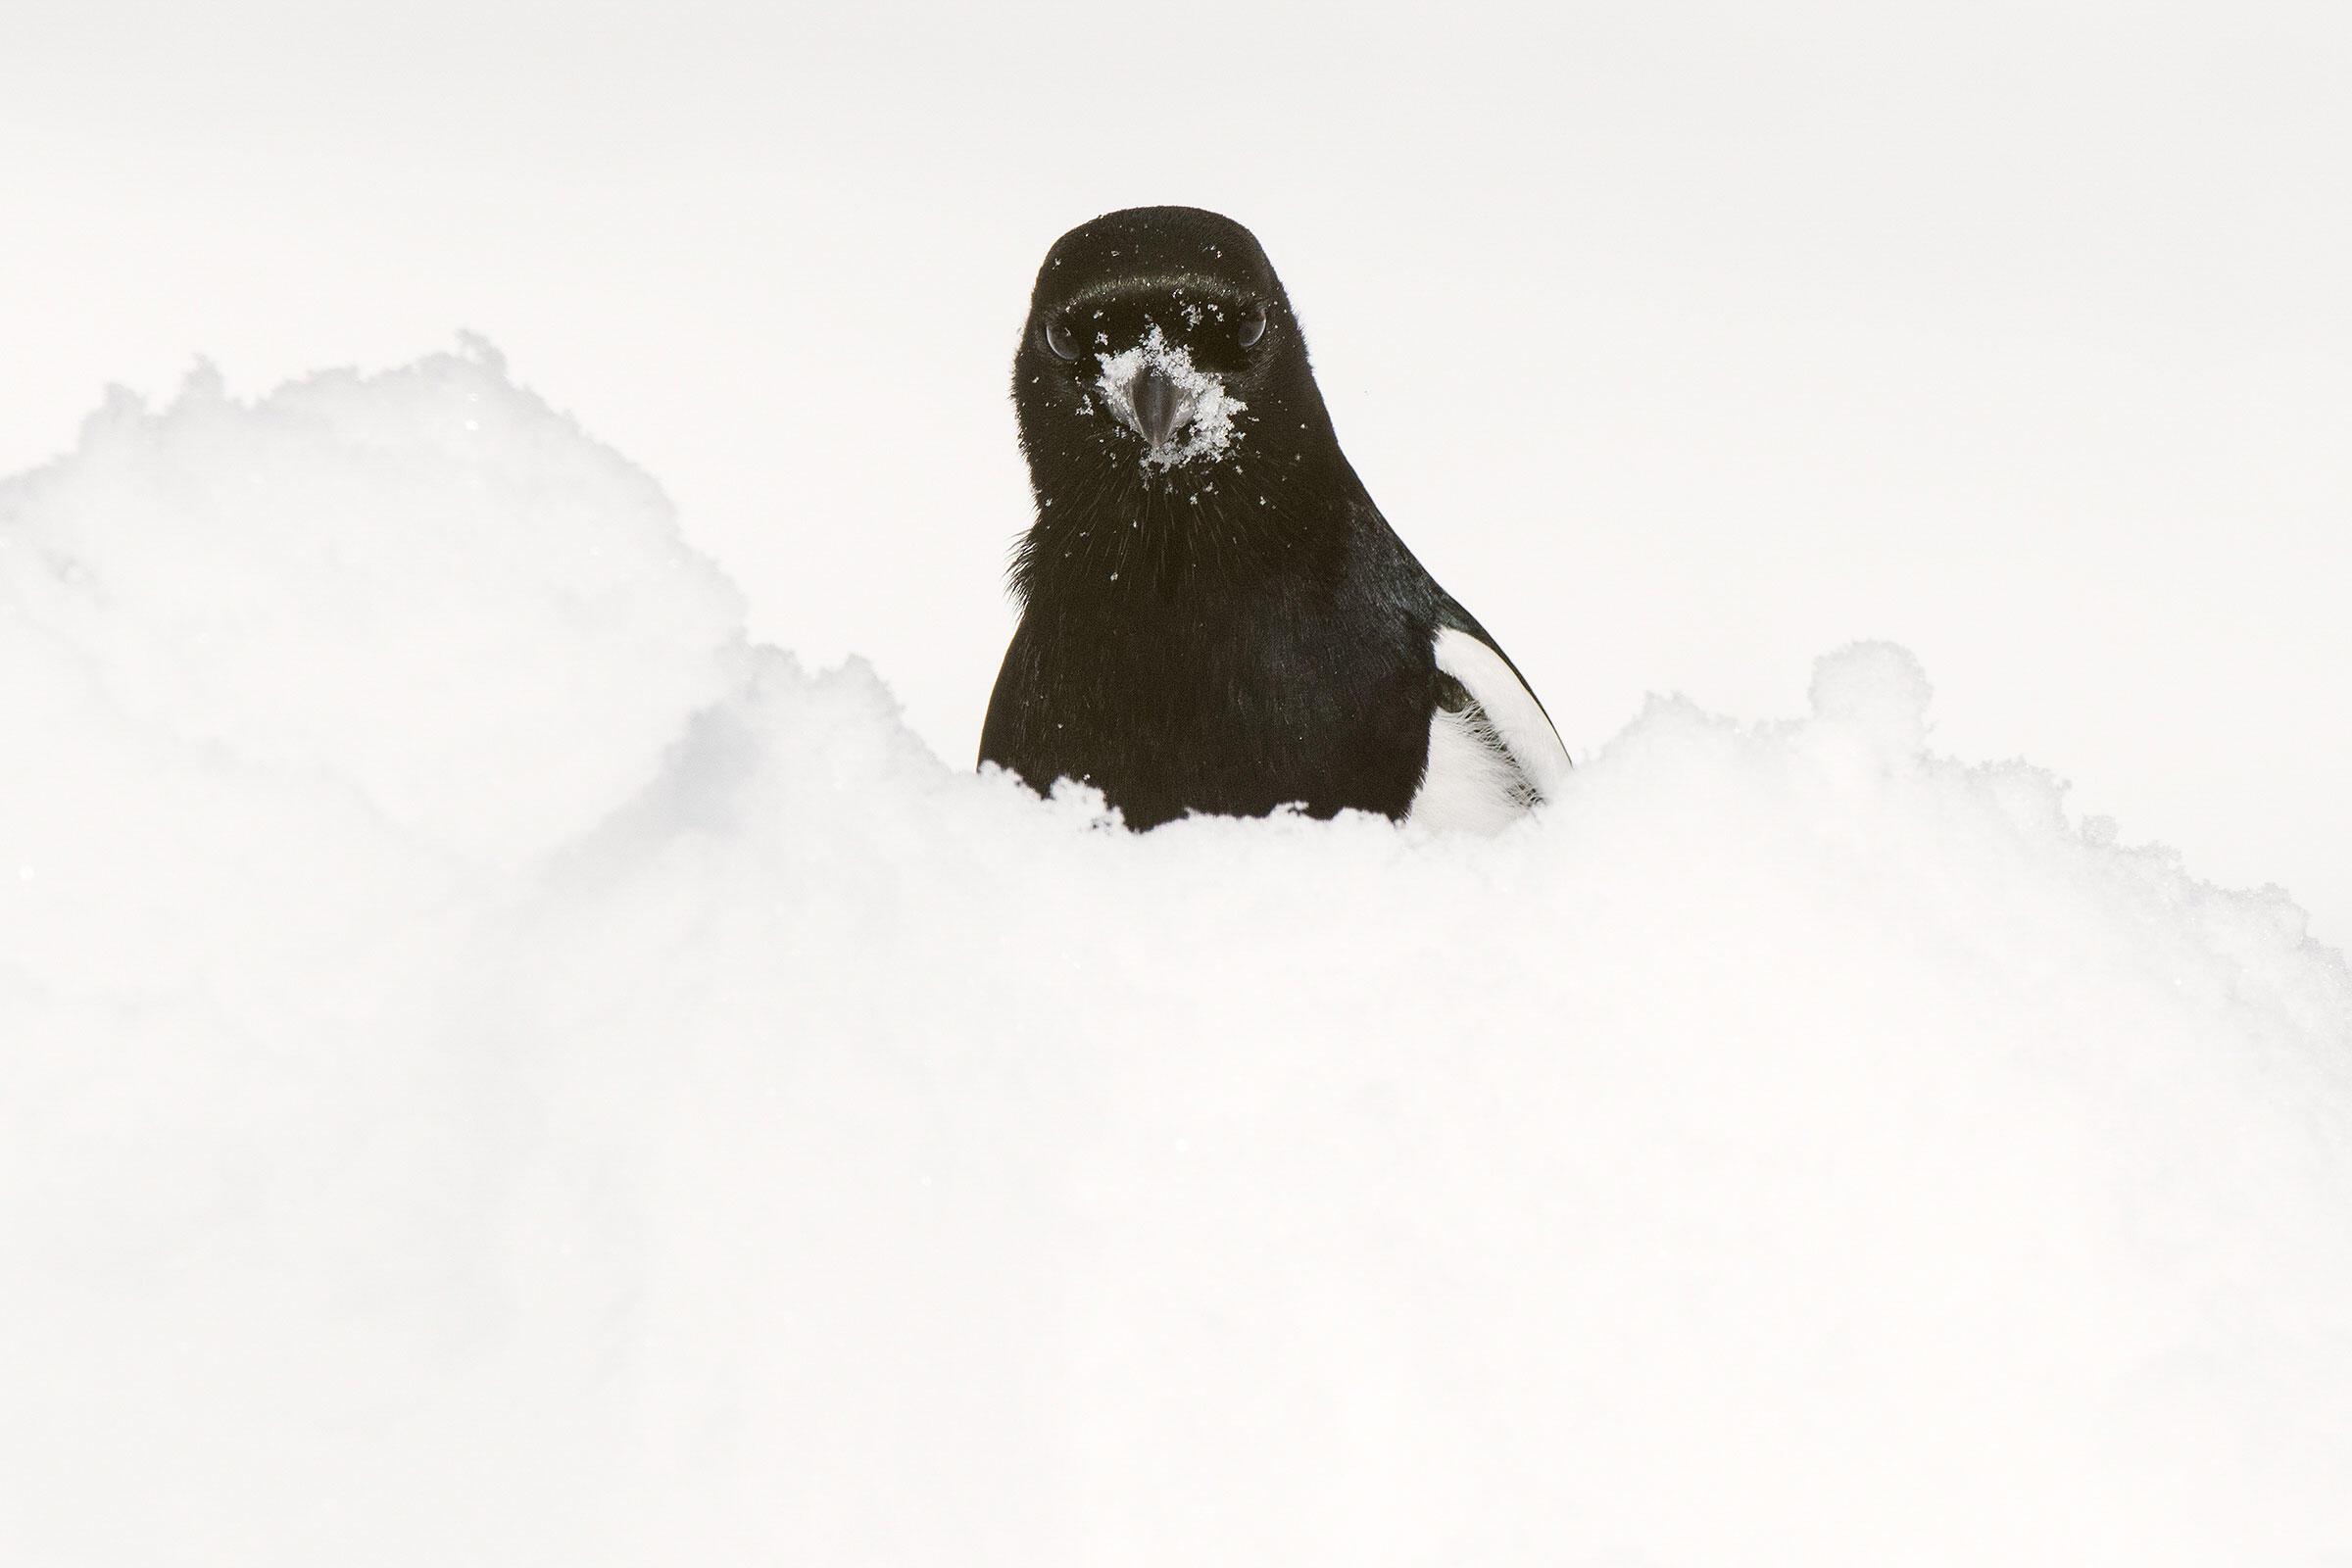 Black-billed Magpie. Gene Putney/Audubon Photography Awards